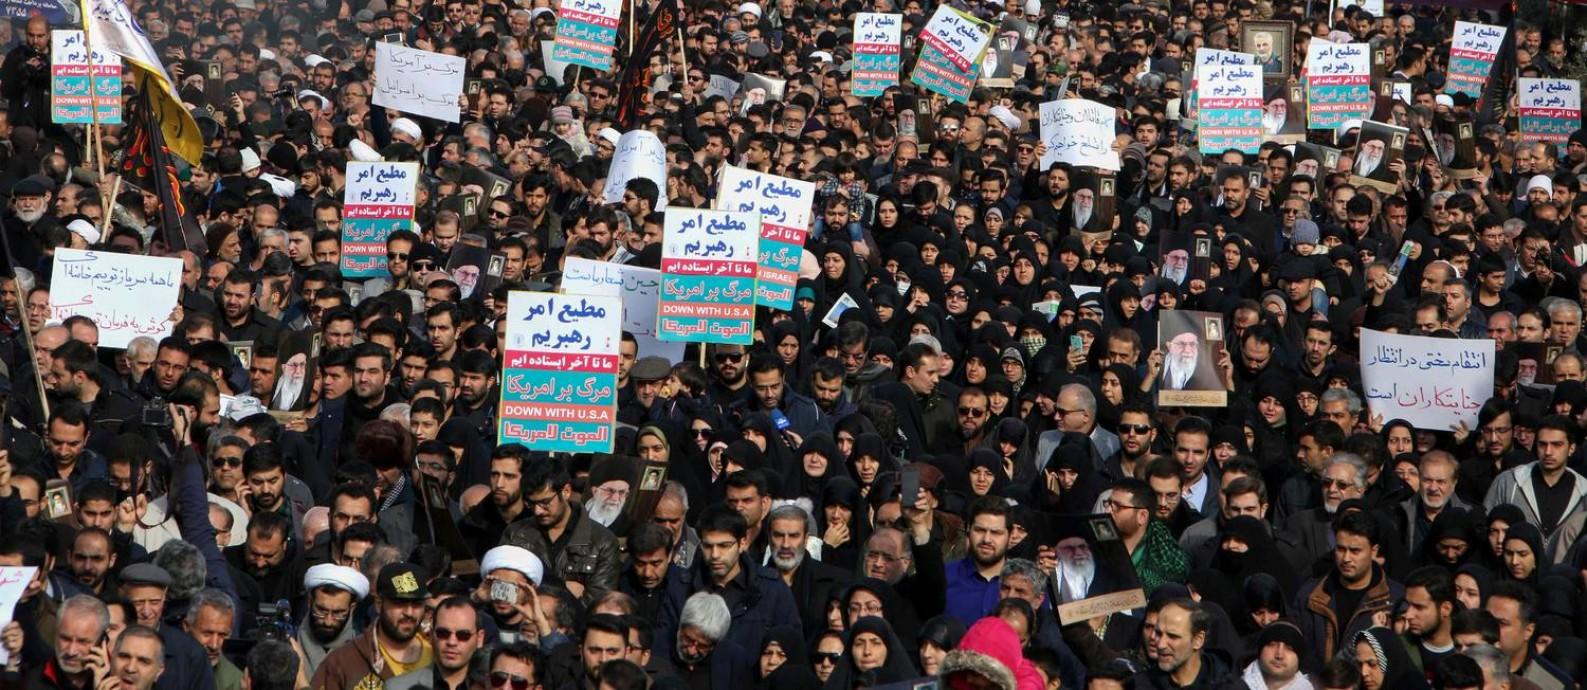 Iranianos lotaram as ruas de Teerã em protesto contra os Estados Unidos depois do assassinato do general Soleimani, que era considerado um herói nacional Foto: ATTA KENARE / AFP